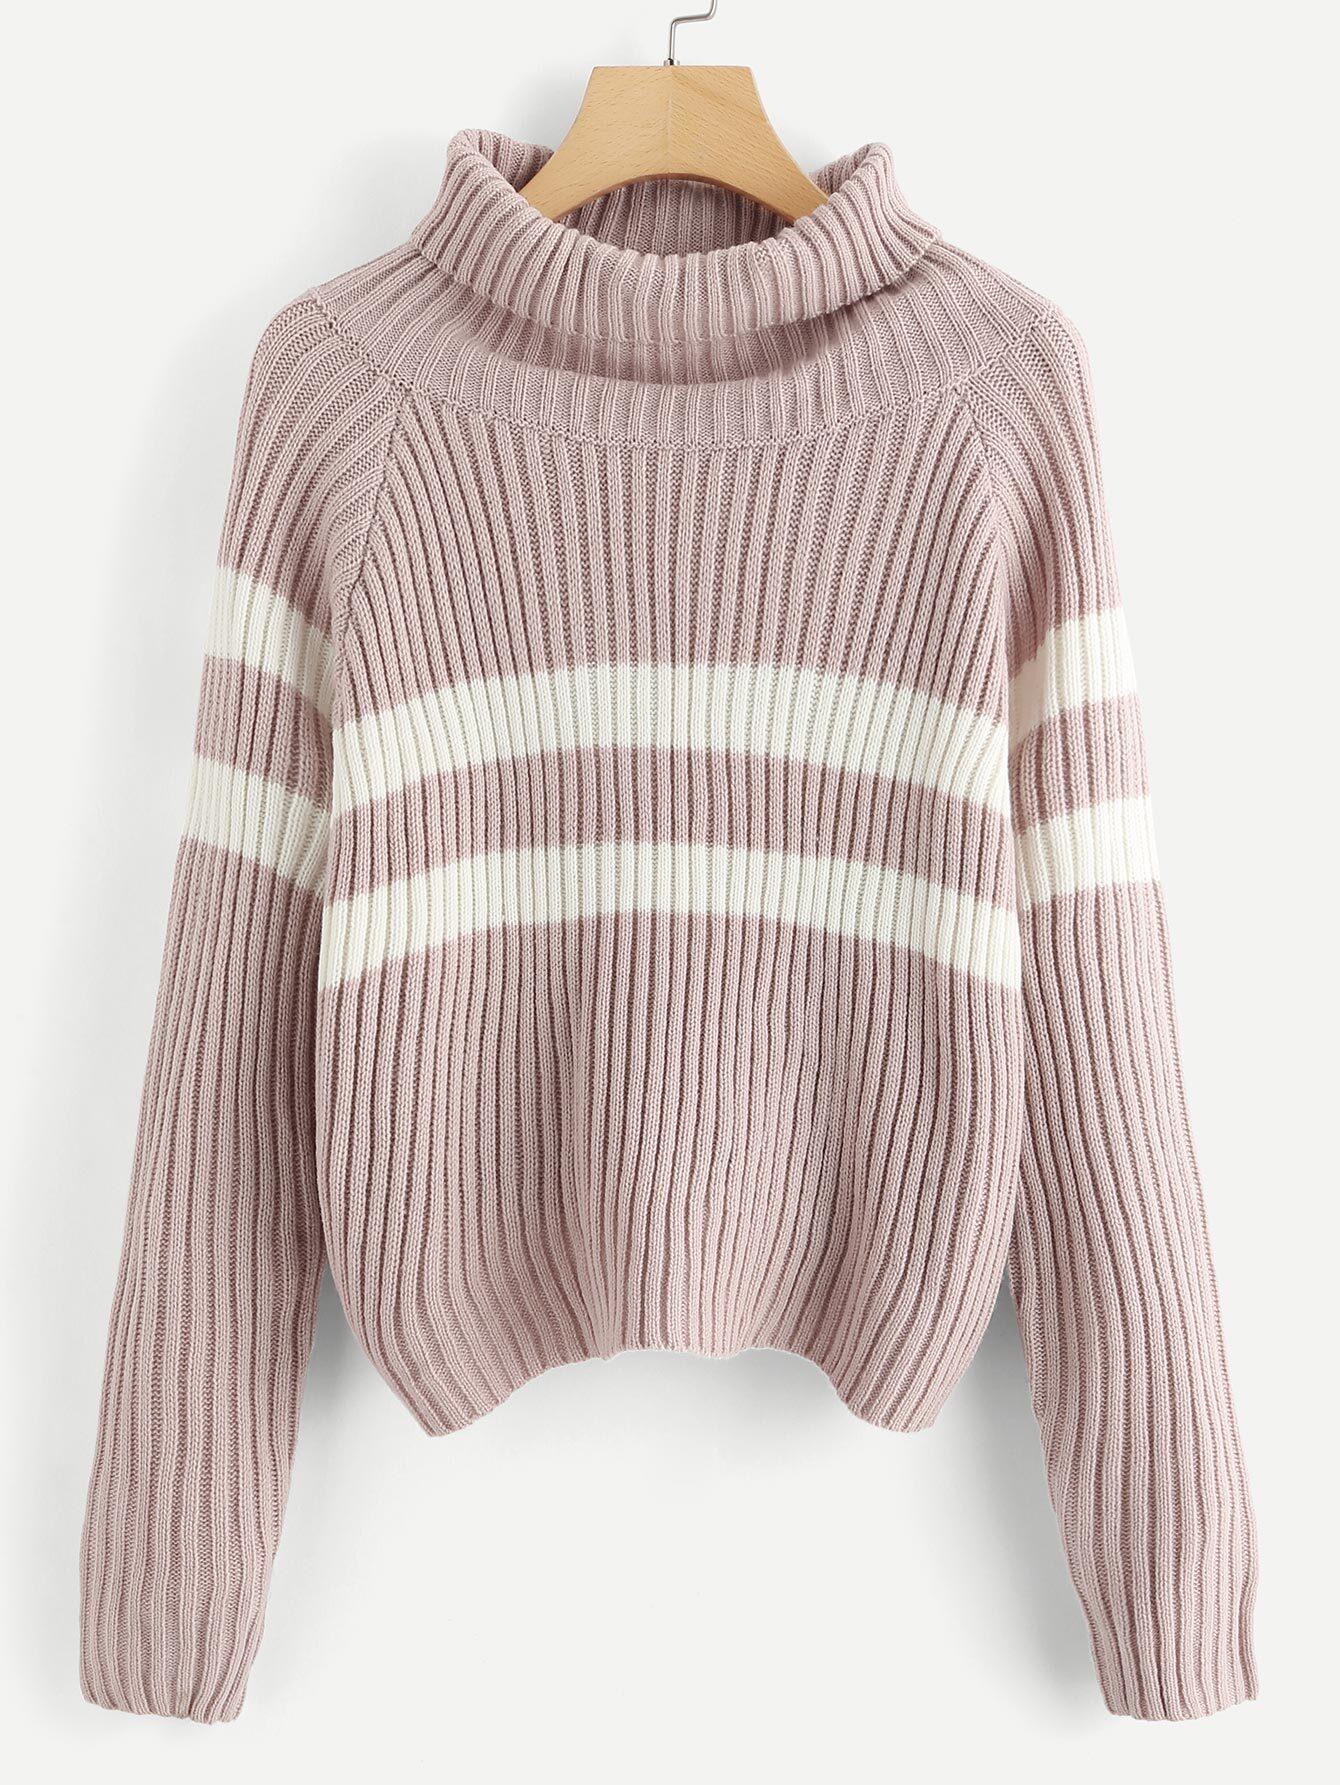 Купить Raglan Sleeve Пропеченная шея Полосатый свитер, null, SheIn